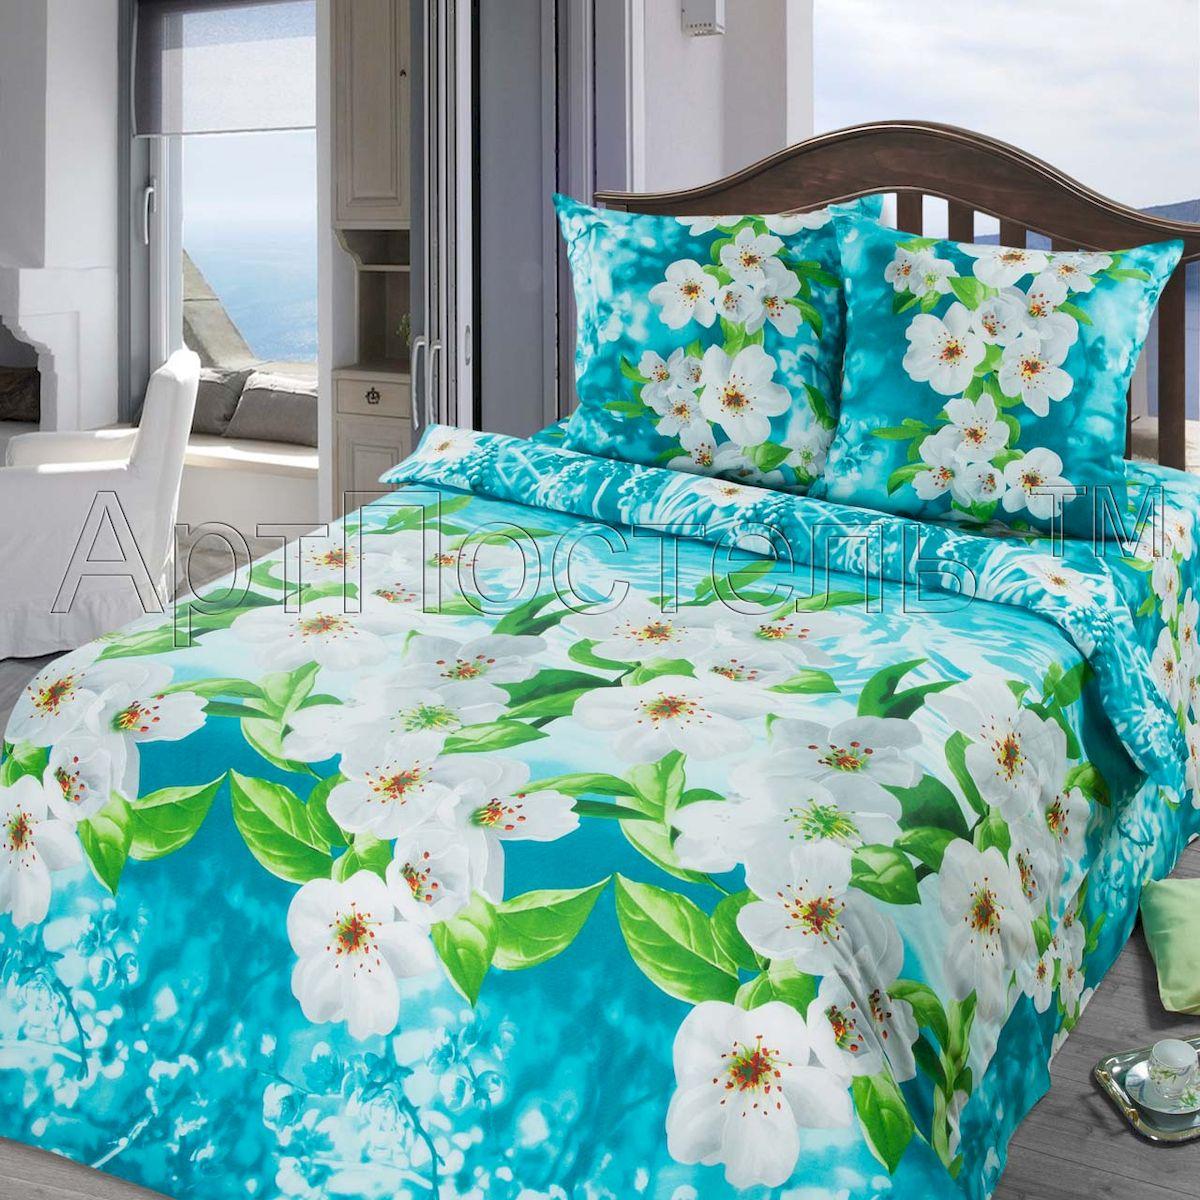 Комплект белья АртПостель Адель, 1,5 спальный, наволочки 70x70 цена артпостель